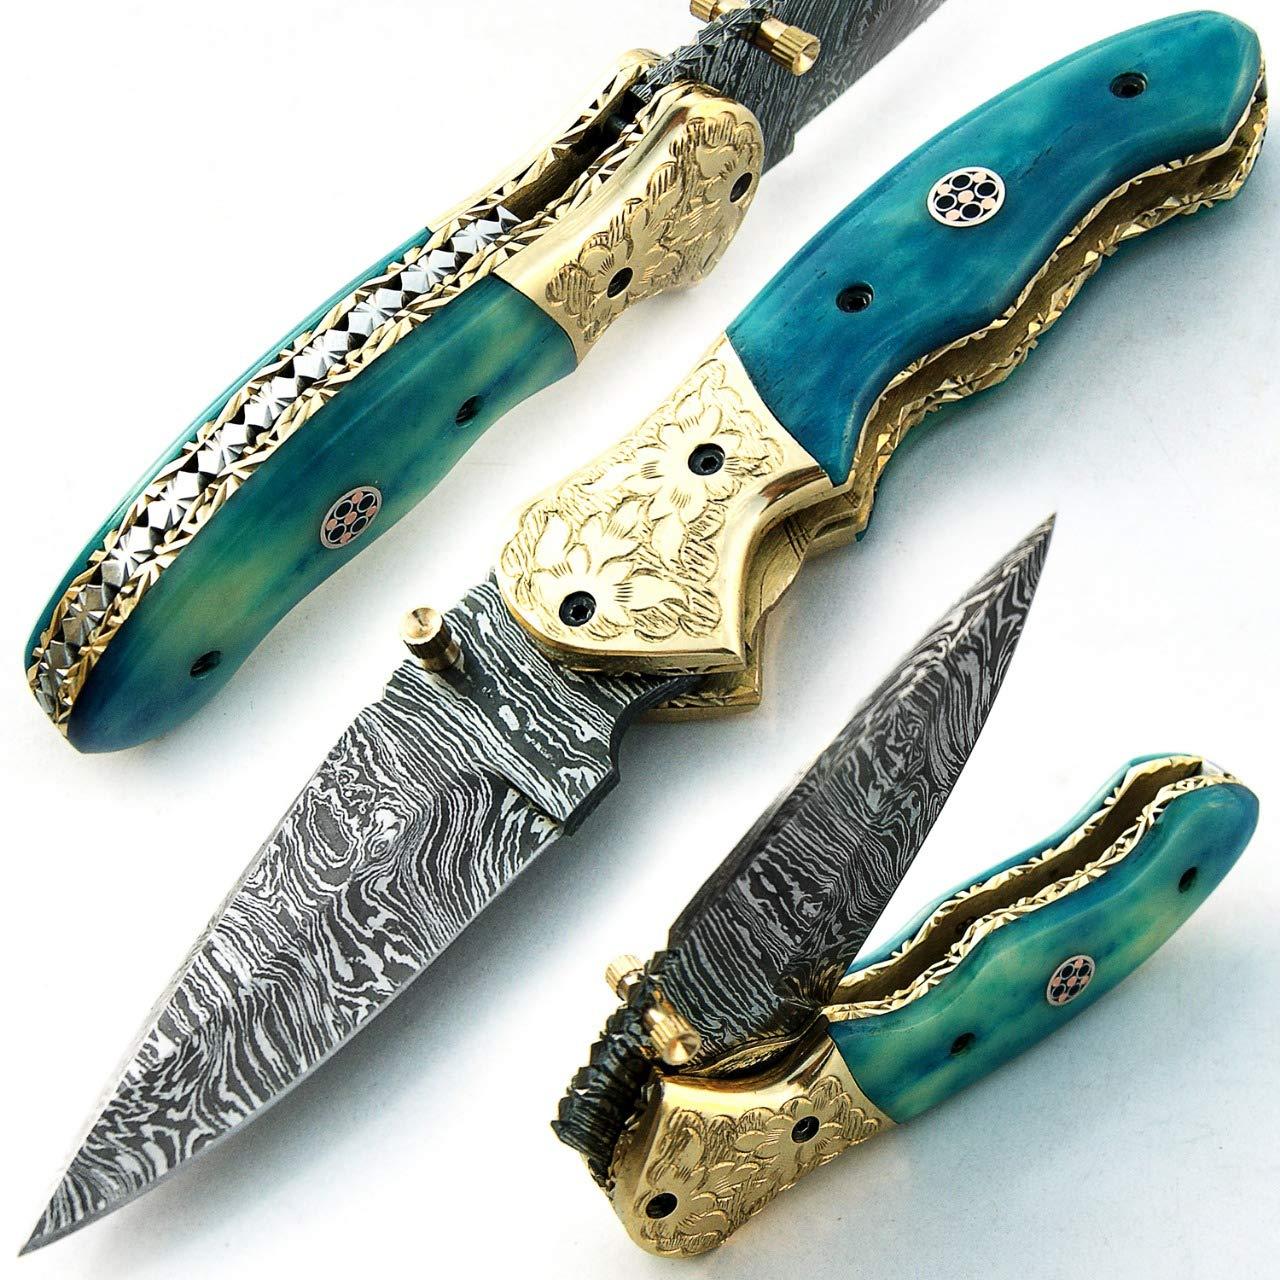 SBRM-9418 Couteau pliant lame en acier sur mesure Damas avec étui en cuir 18 CM Poignée teintée chameau billet Chef de camping Cuisine Pêche Maison jardin  -